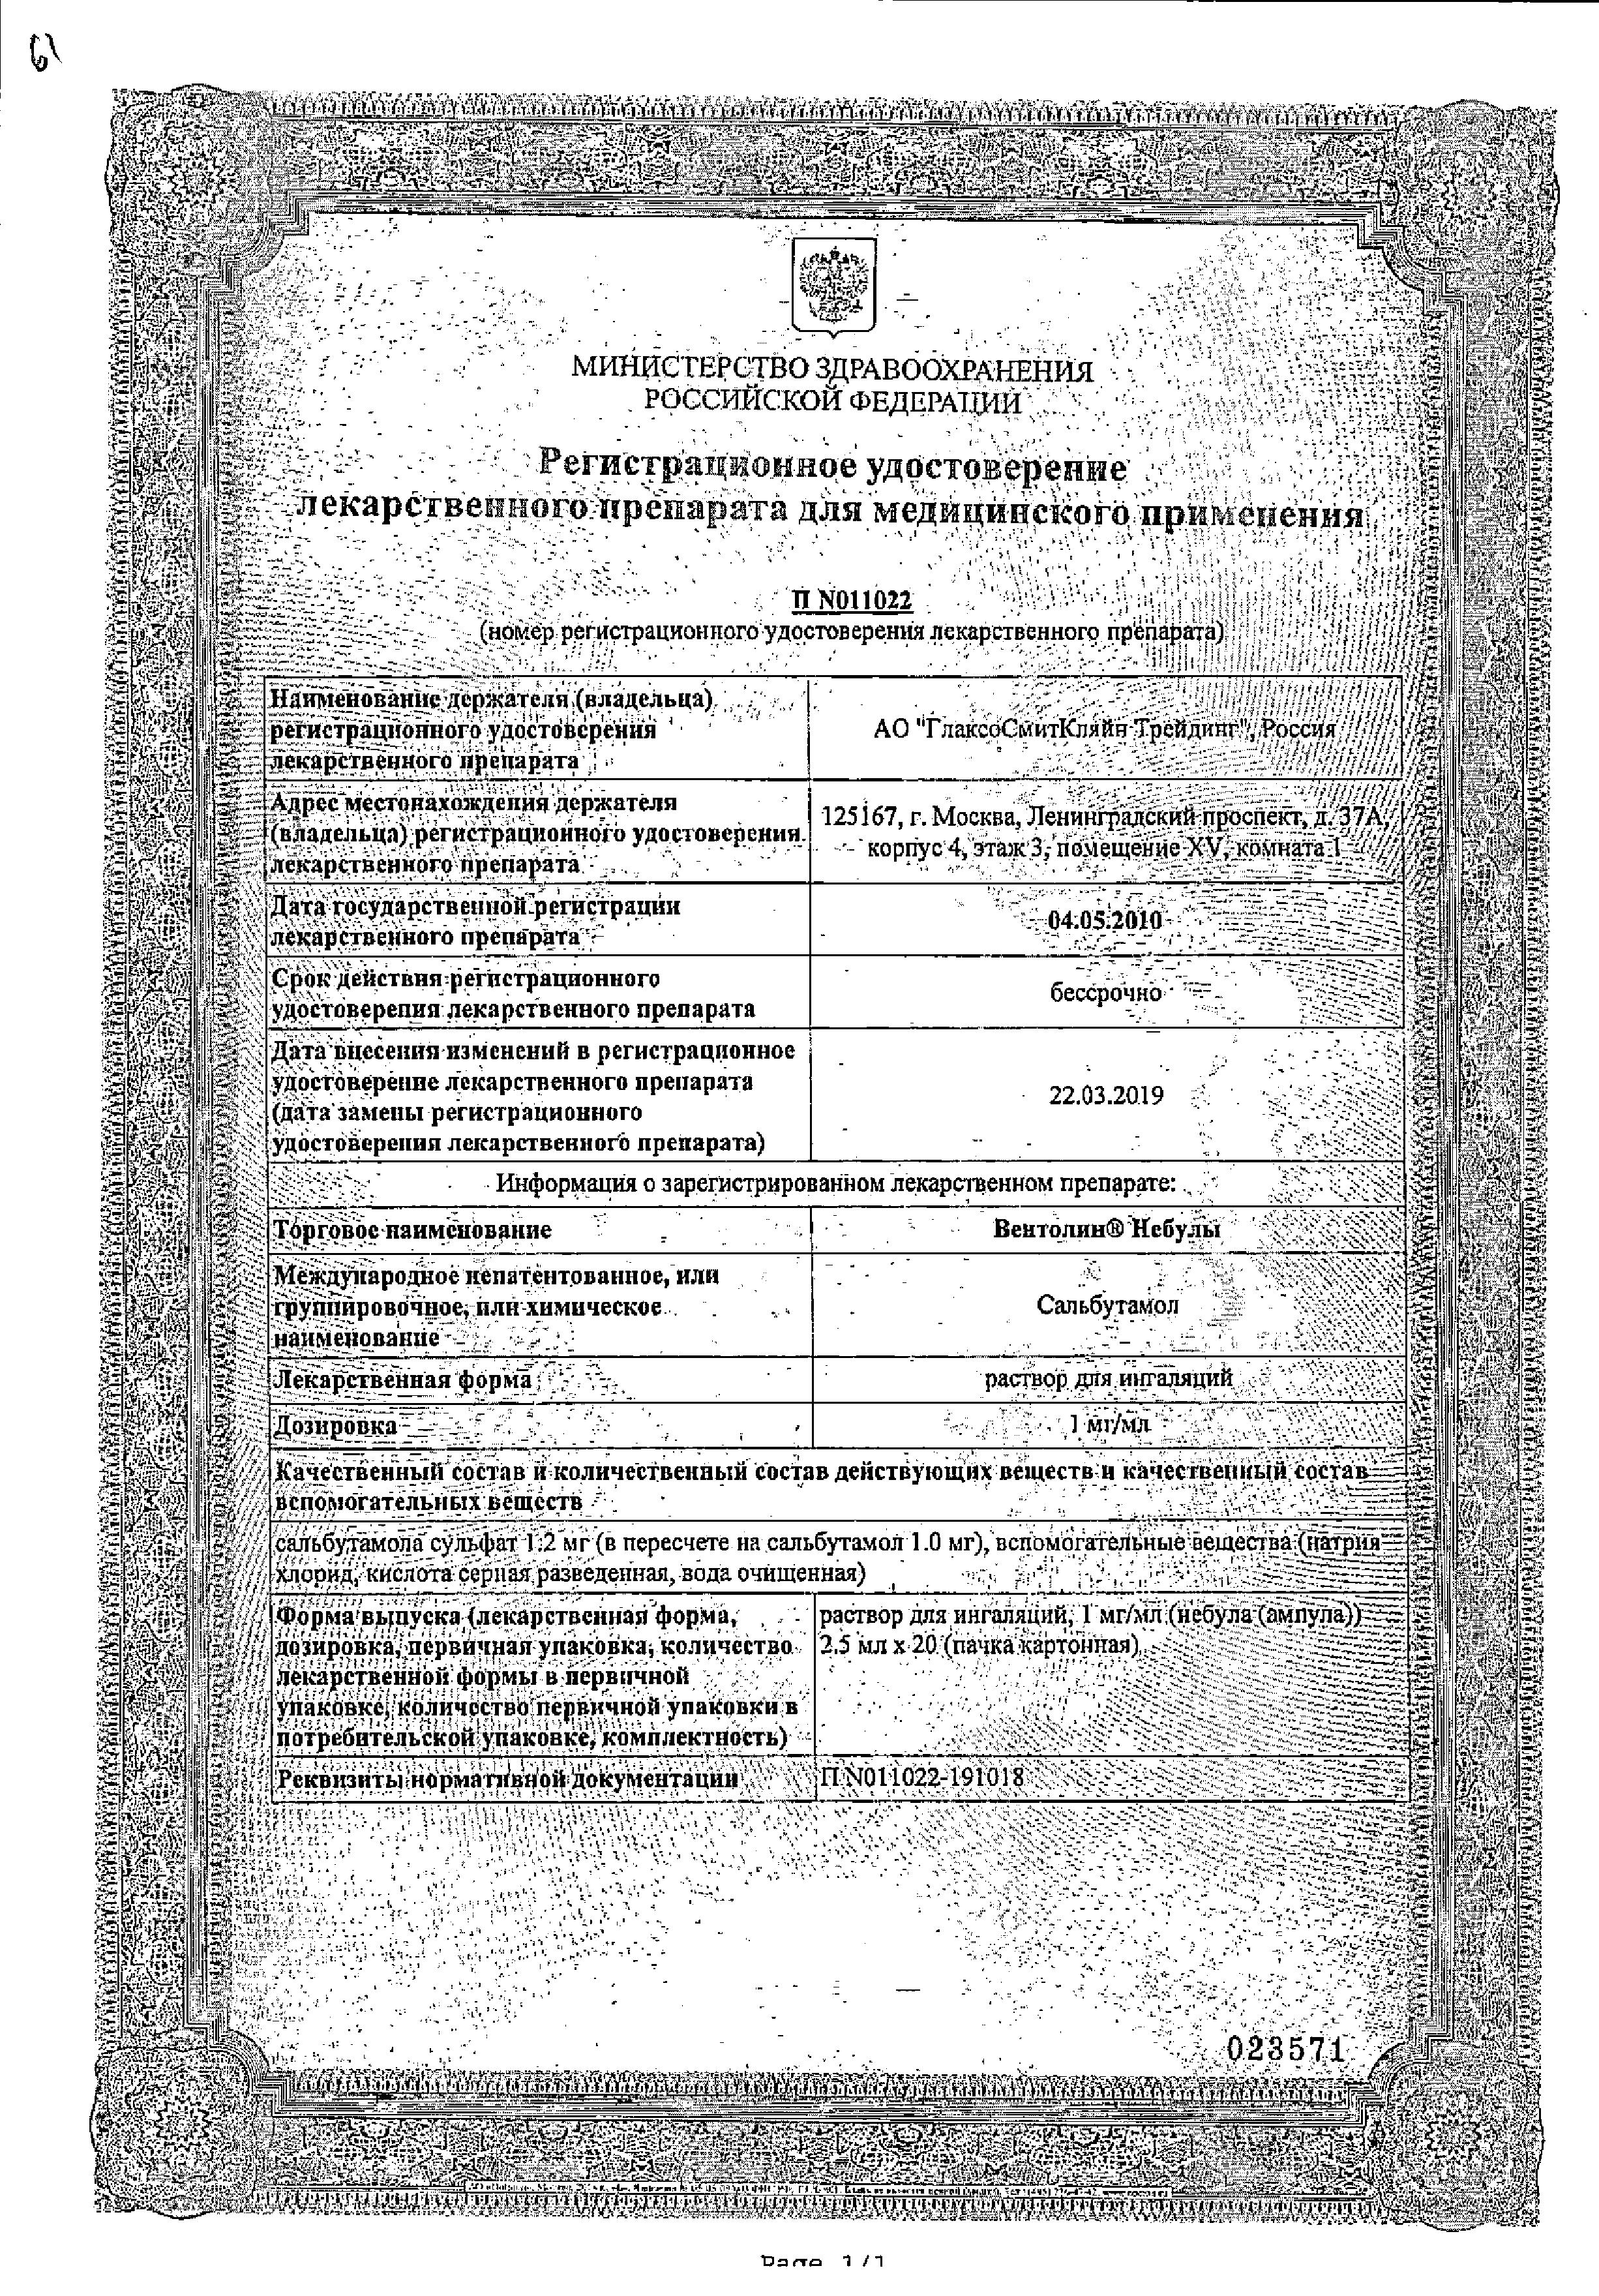 Вентолин Небулы сертификат